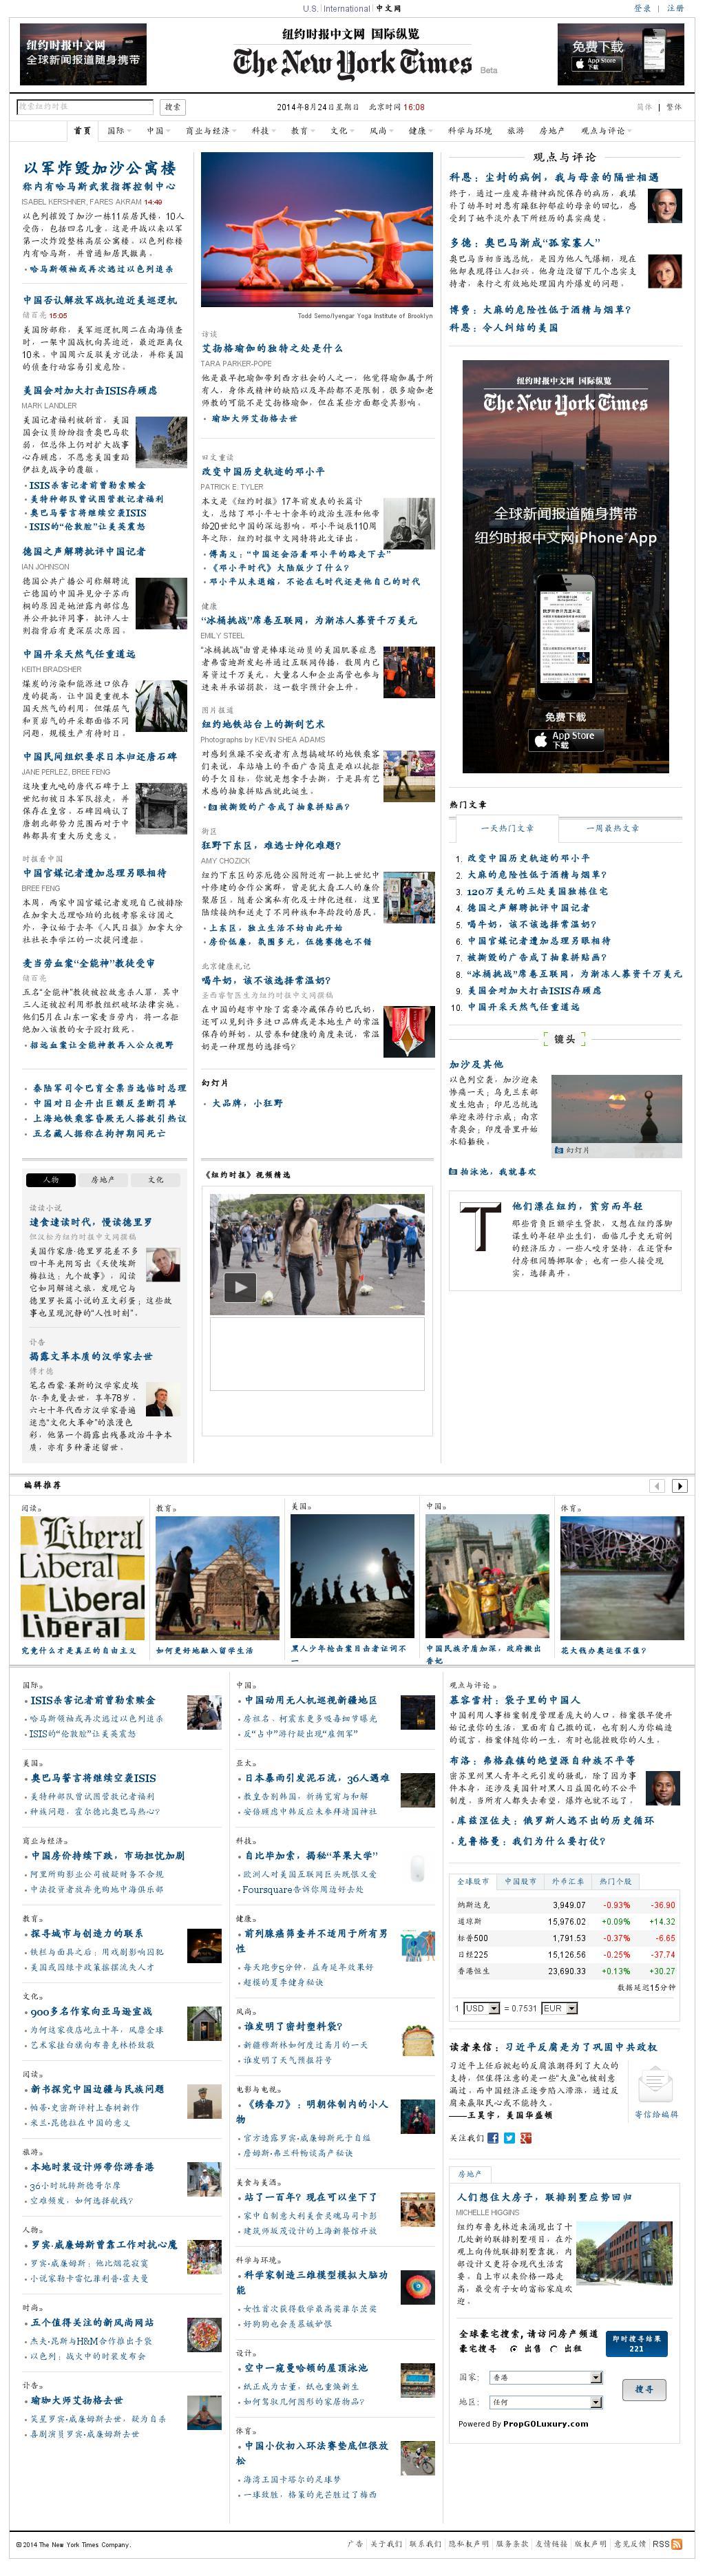 The New York Times (Chinese) at Sunday Aug. 24, 2014, 2:16 p.m. UTC